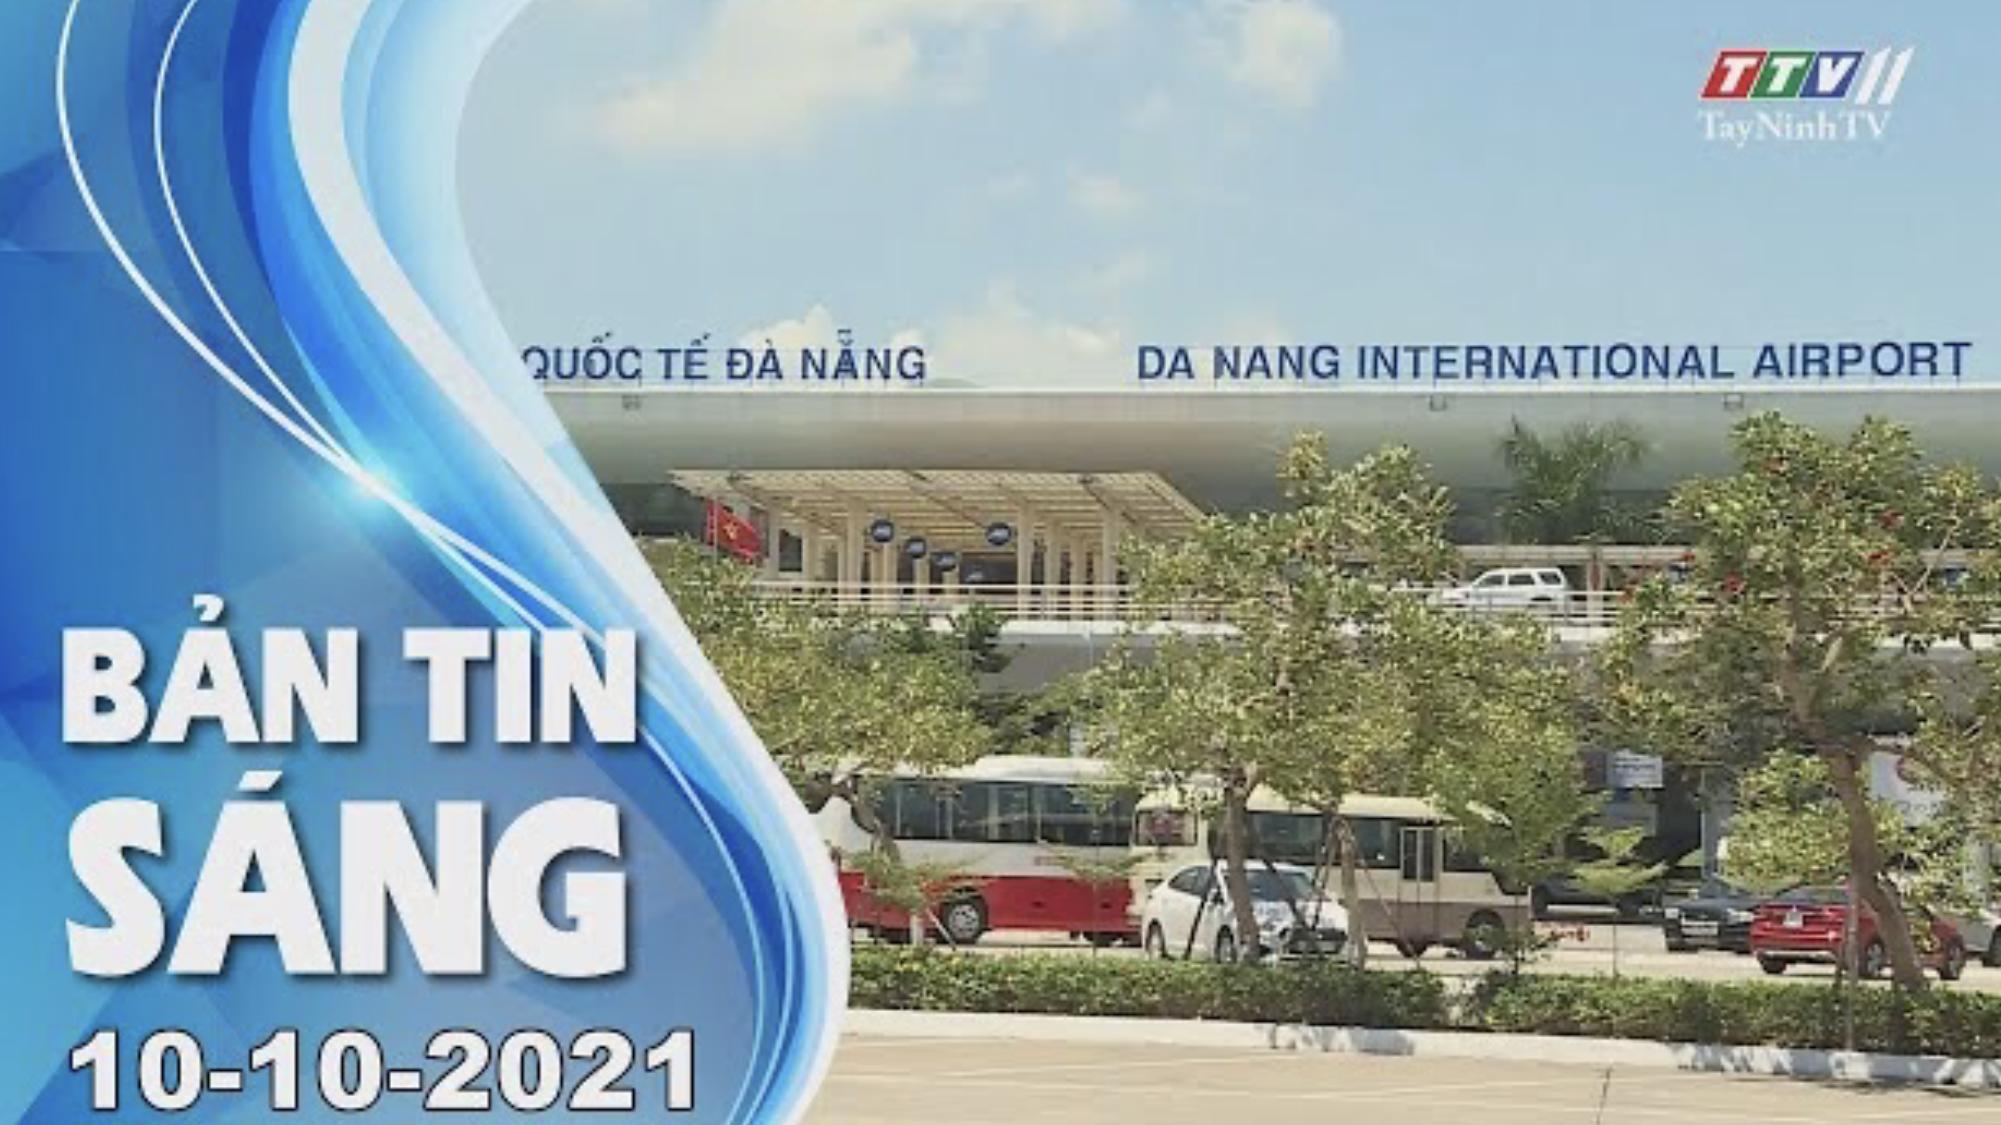 BẢN TIN SÁNG 11/10/2021 | Tin tức hôm nay | TayNinhTV